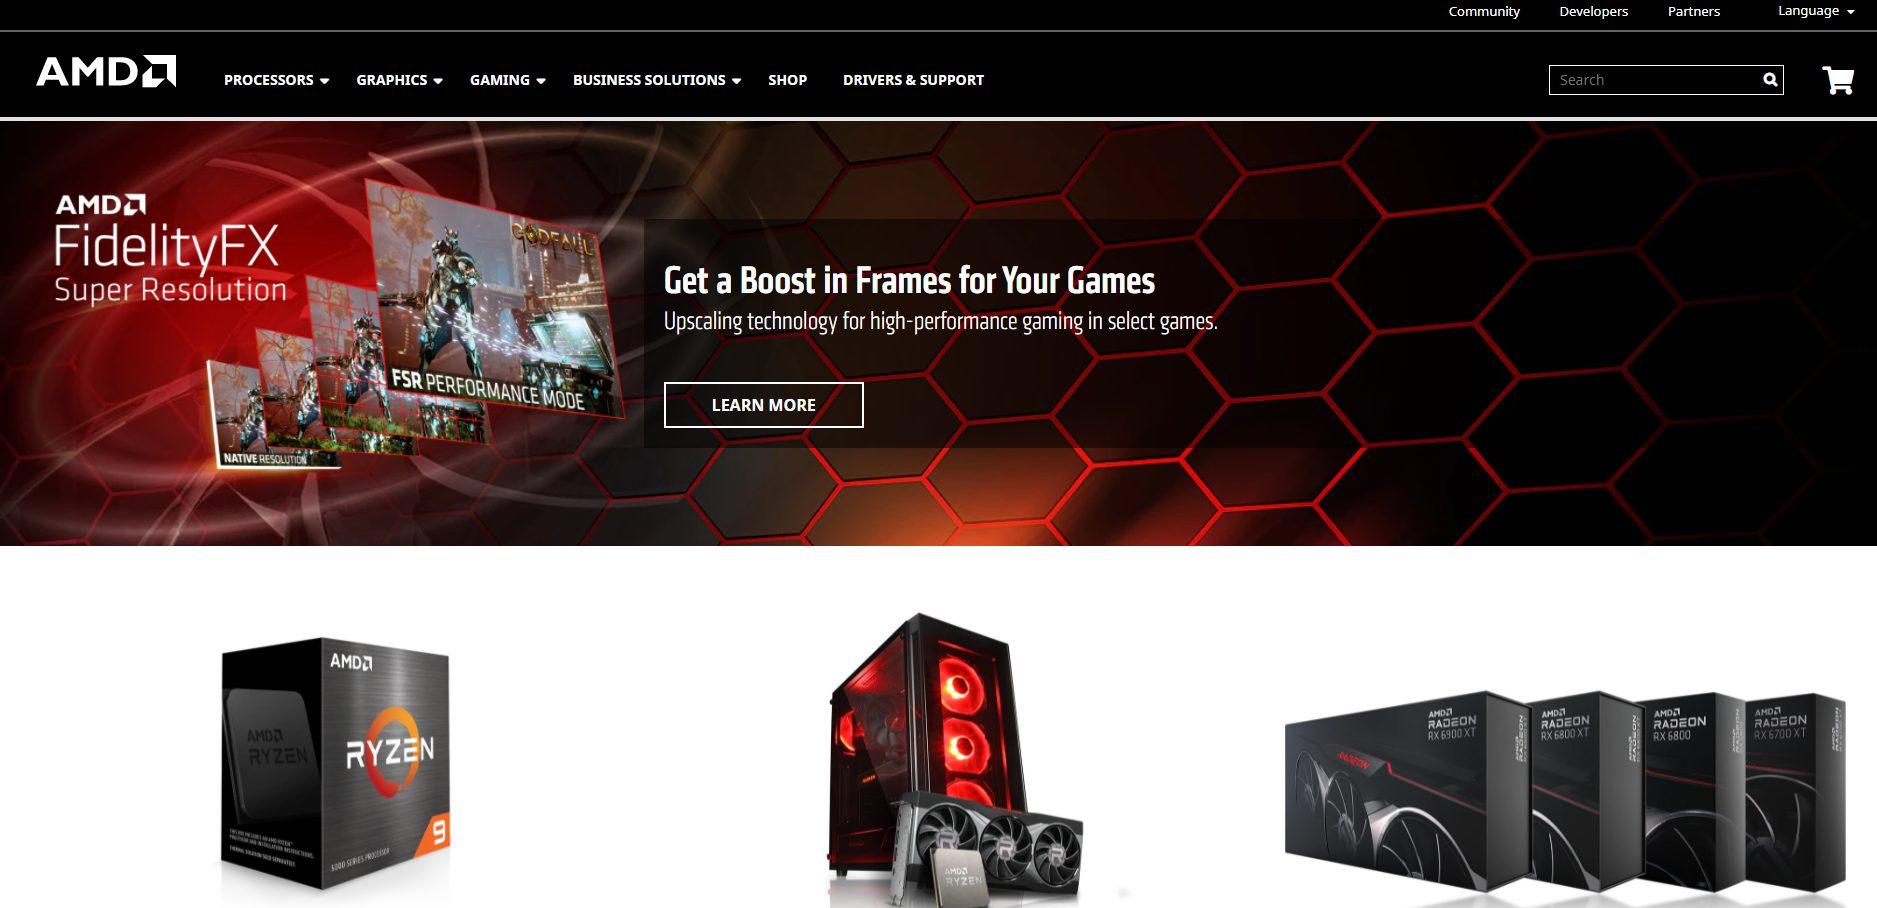 Offizielle Webseite von AMD